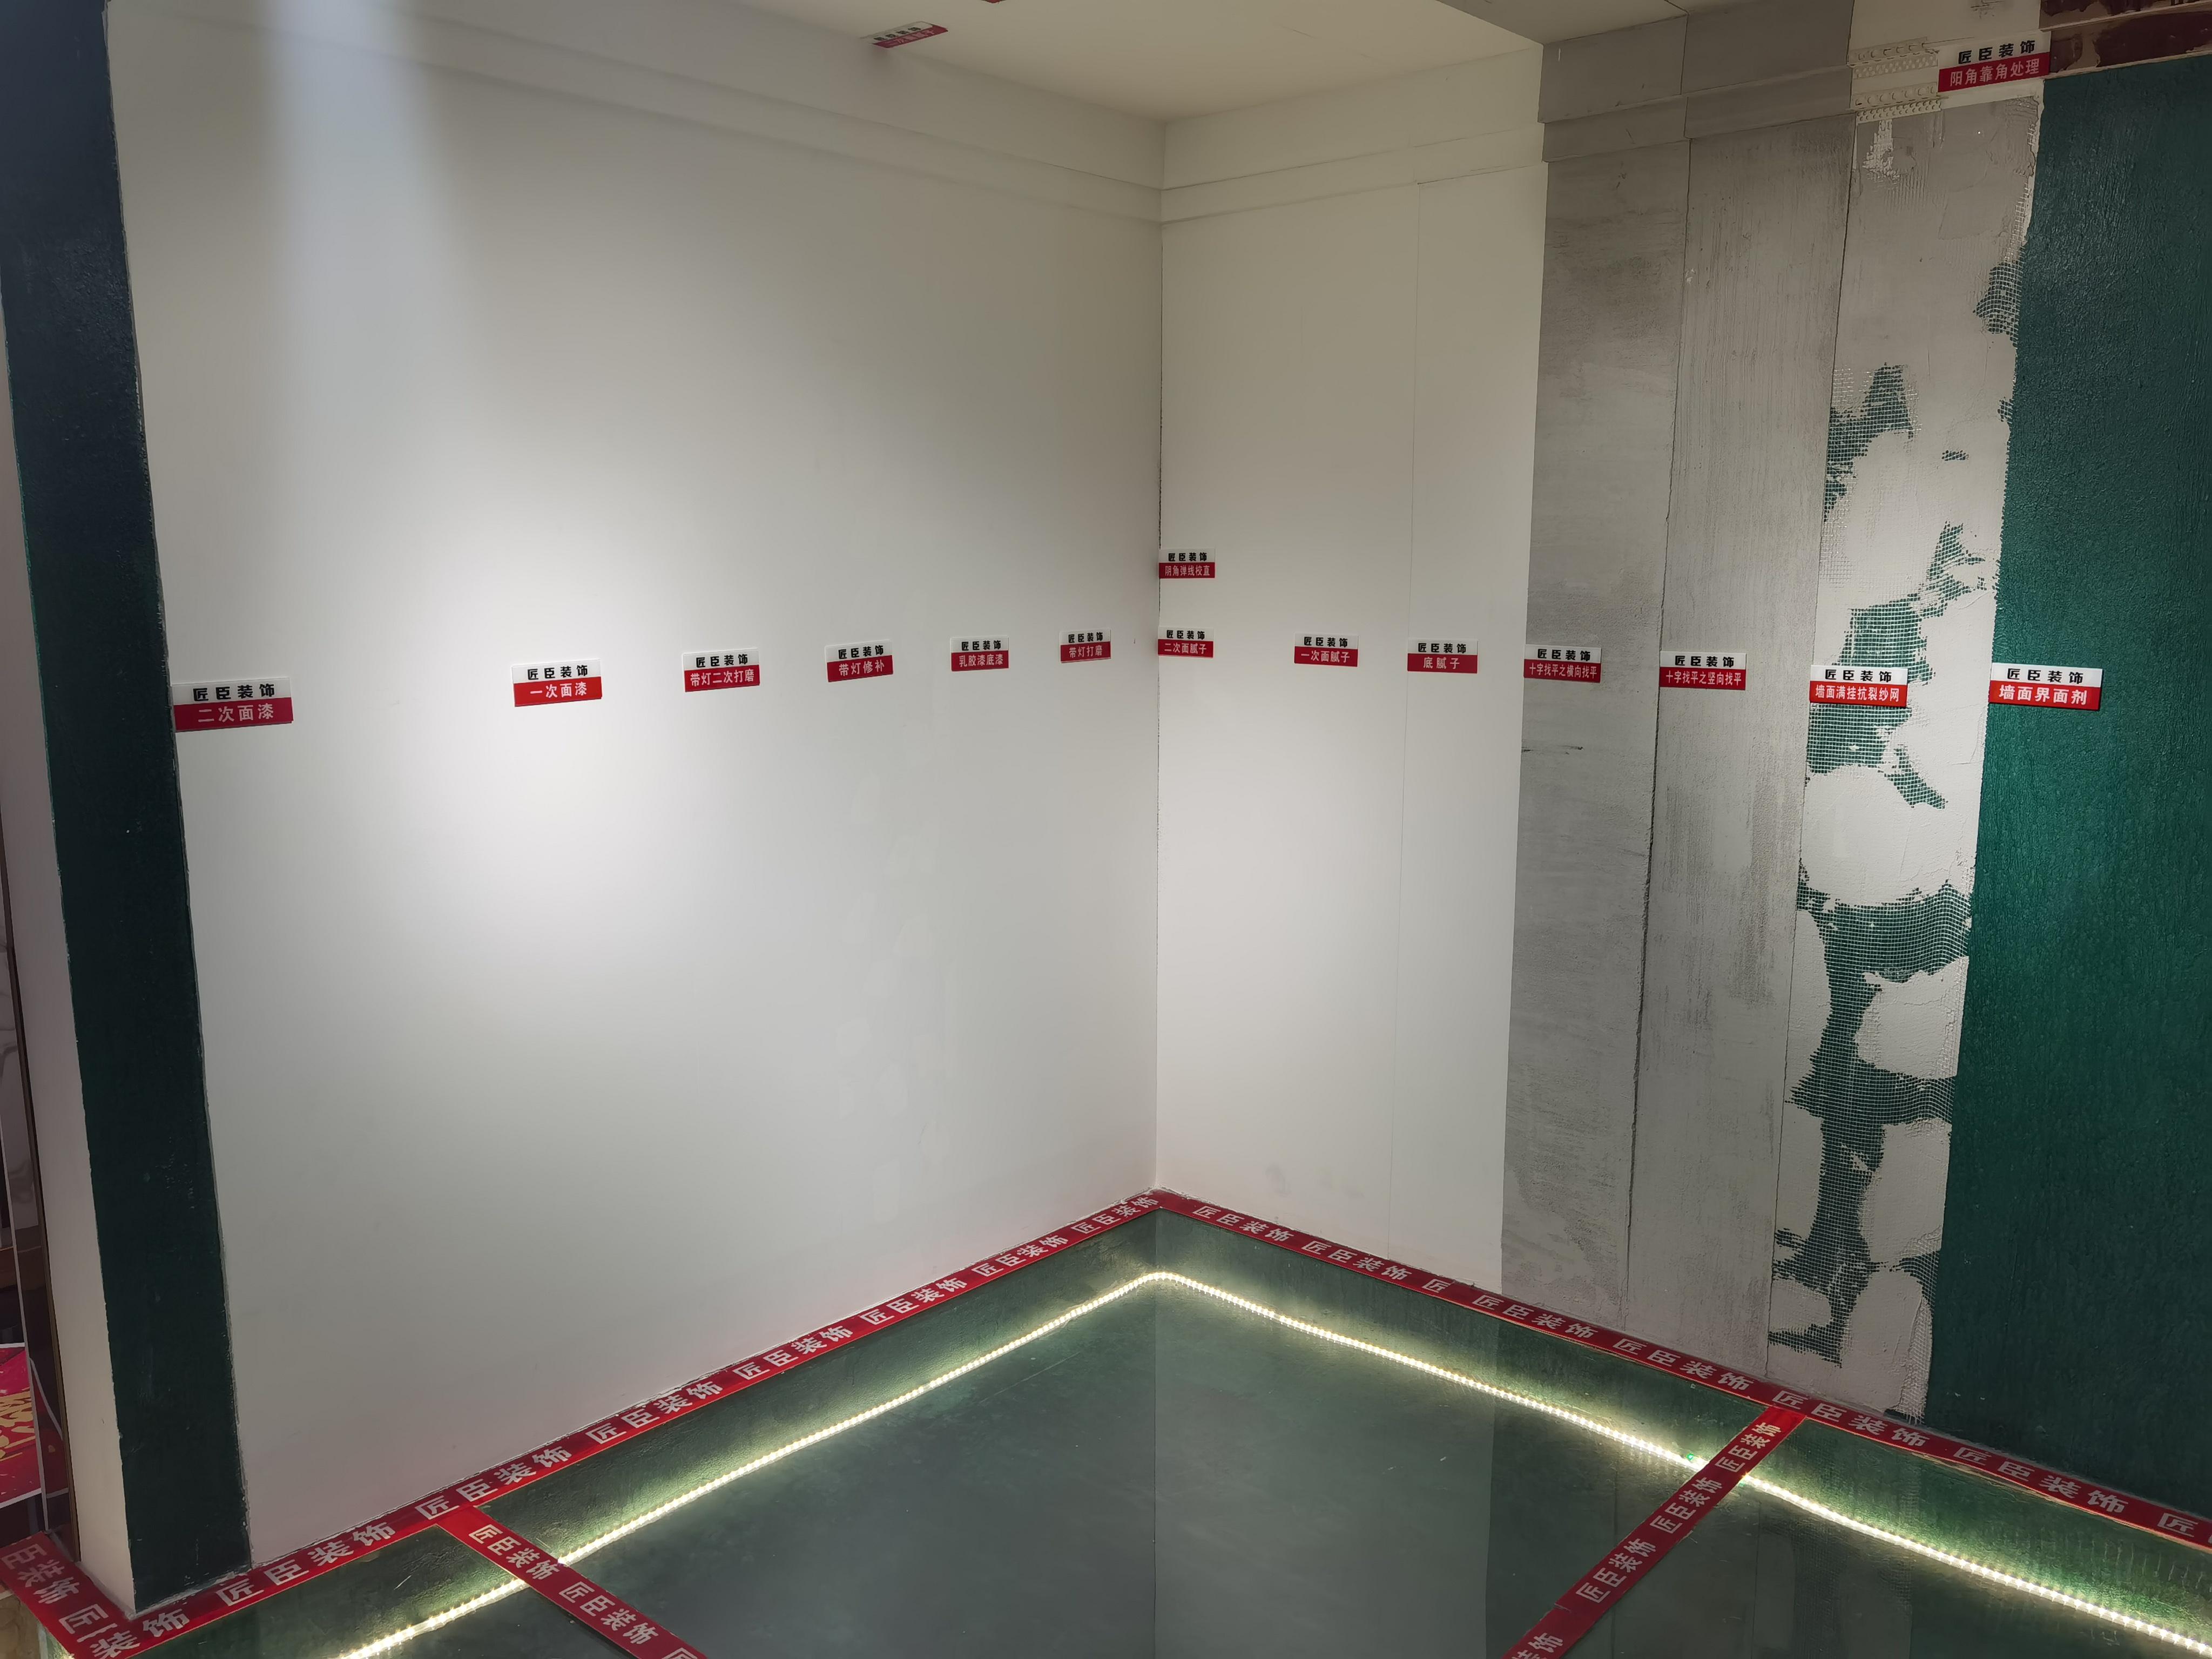 装修施工——墙面从基层到乳胶漆的进化